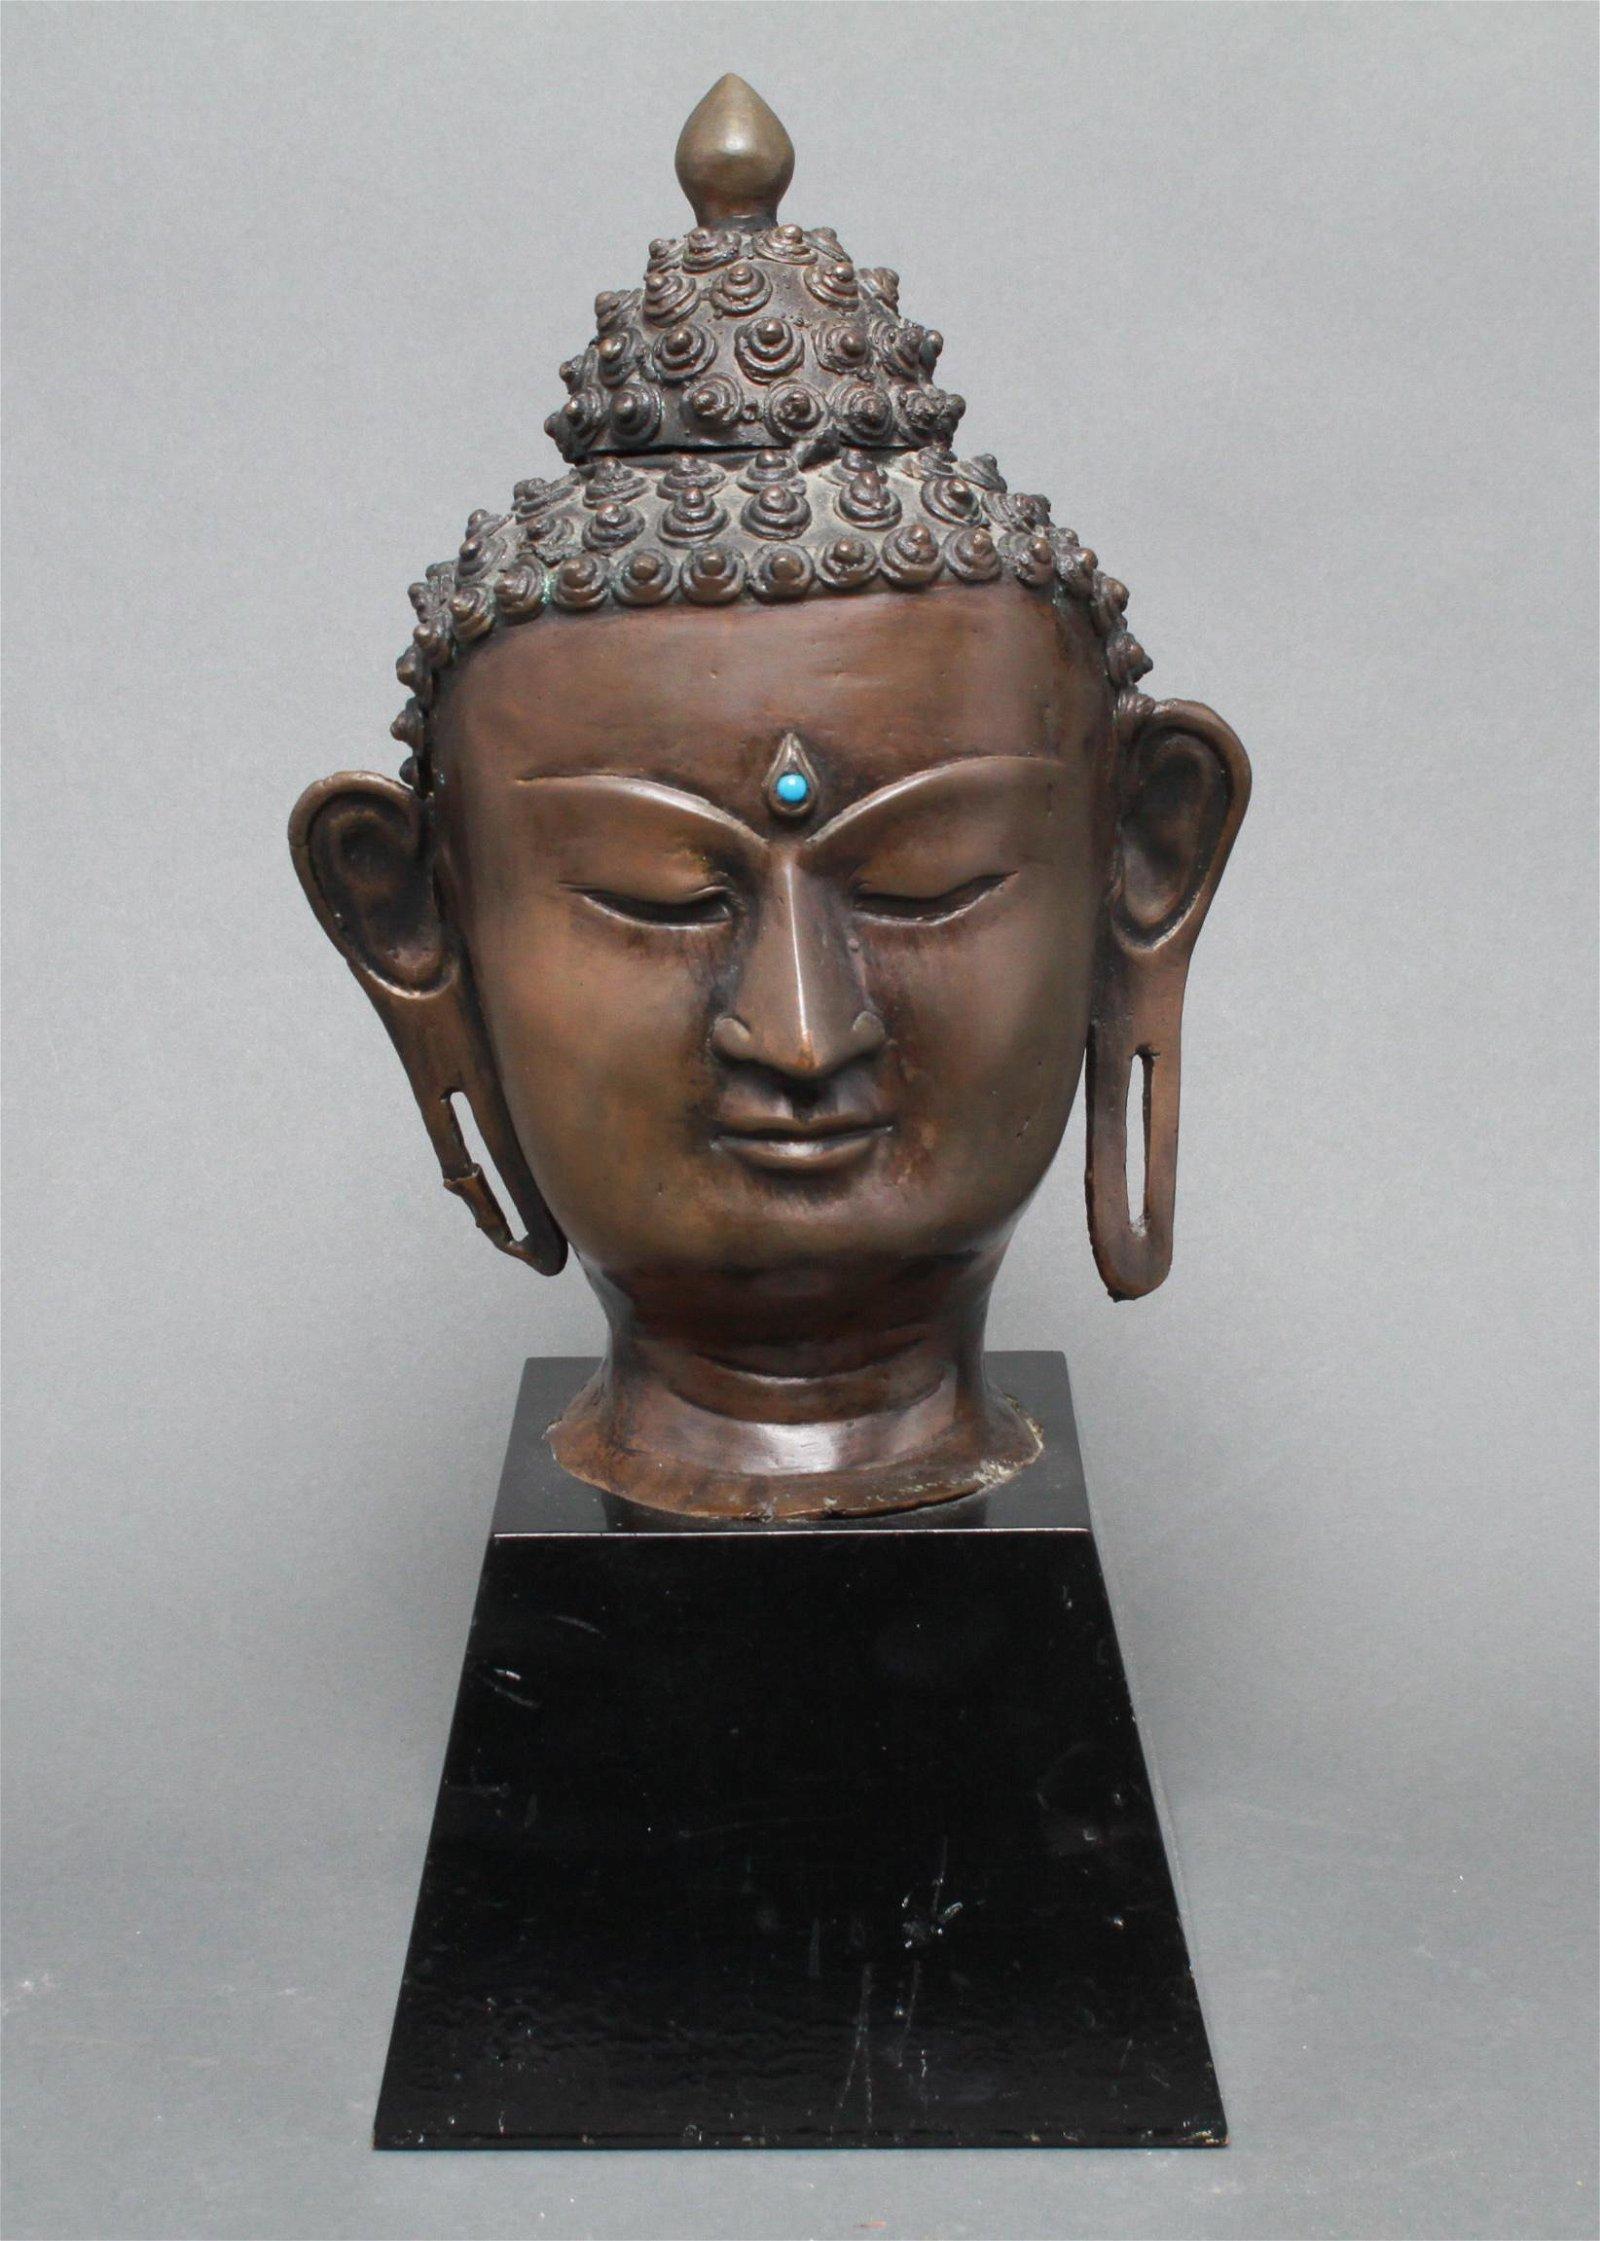 Tibetan Asian Bronze Buddha Head Sculpture